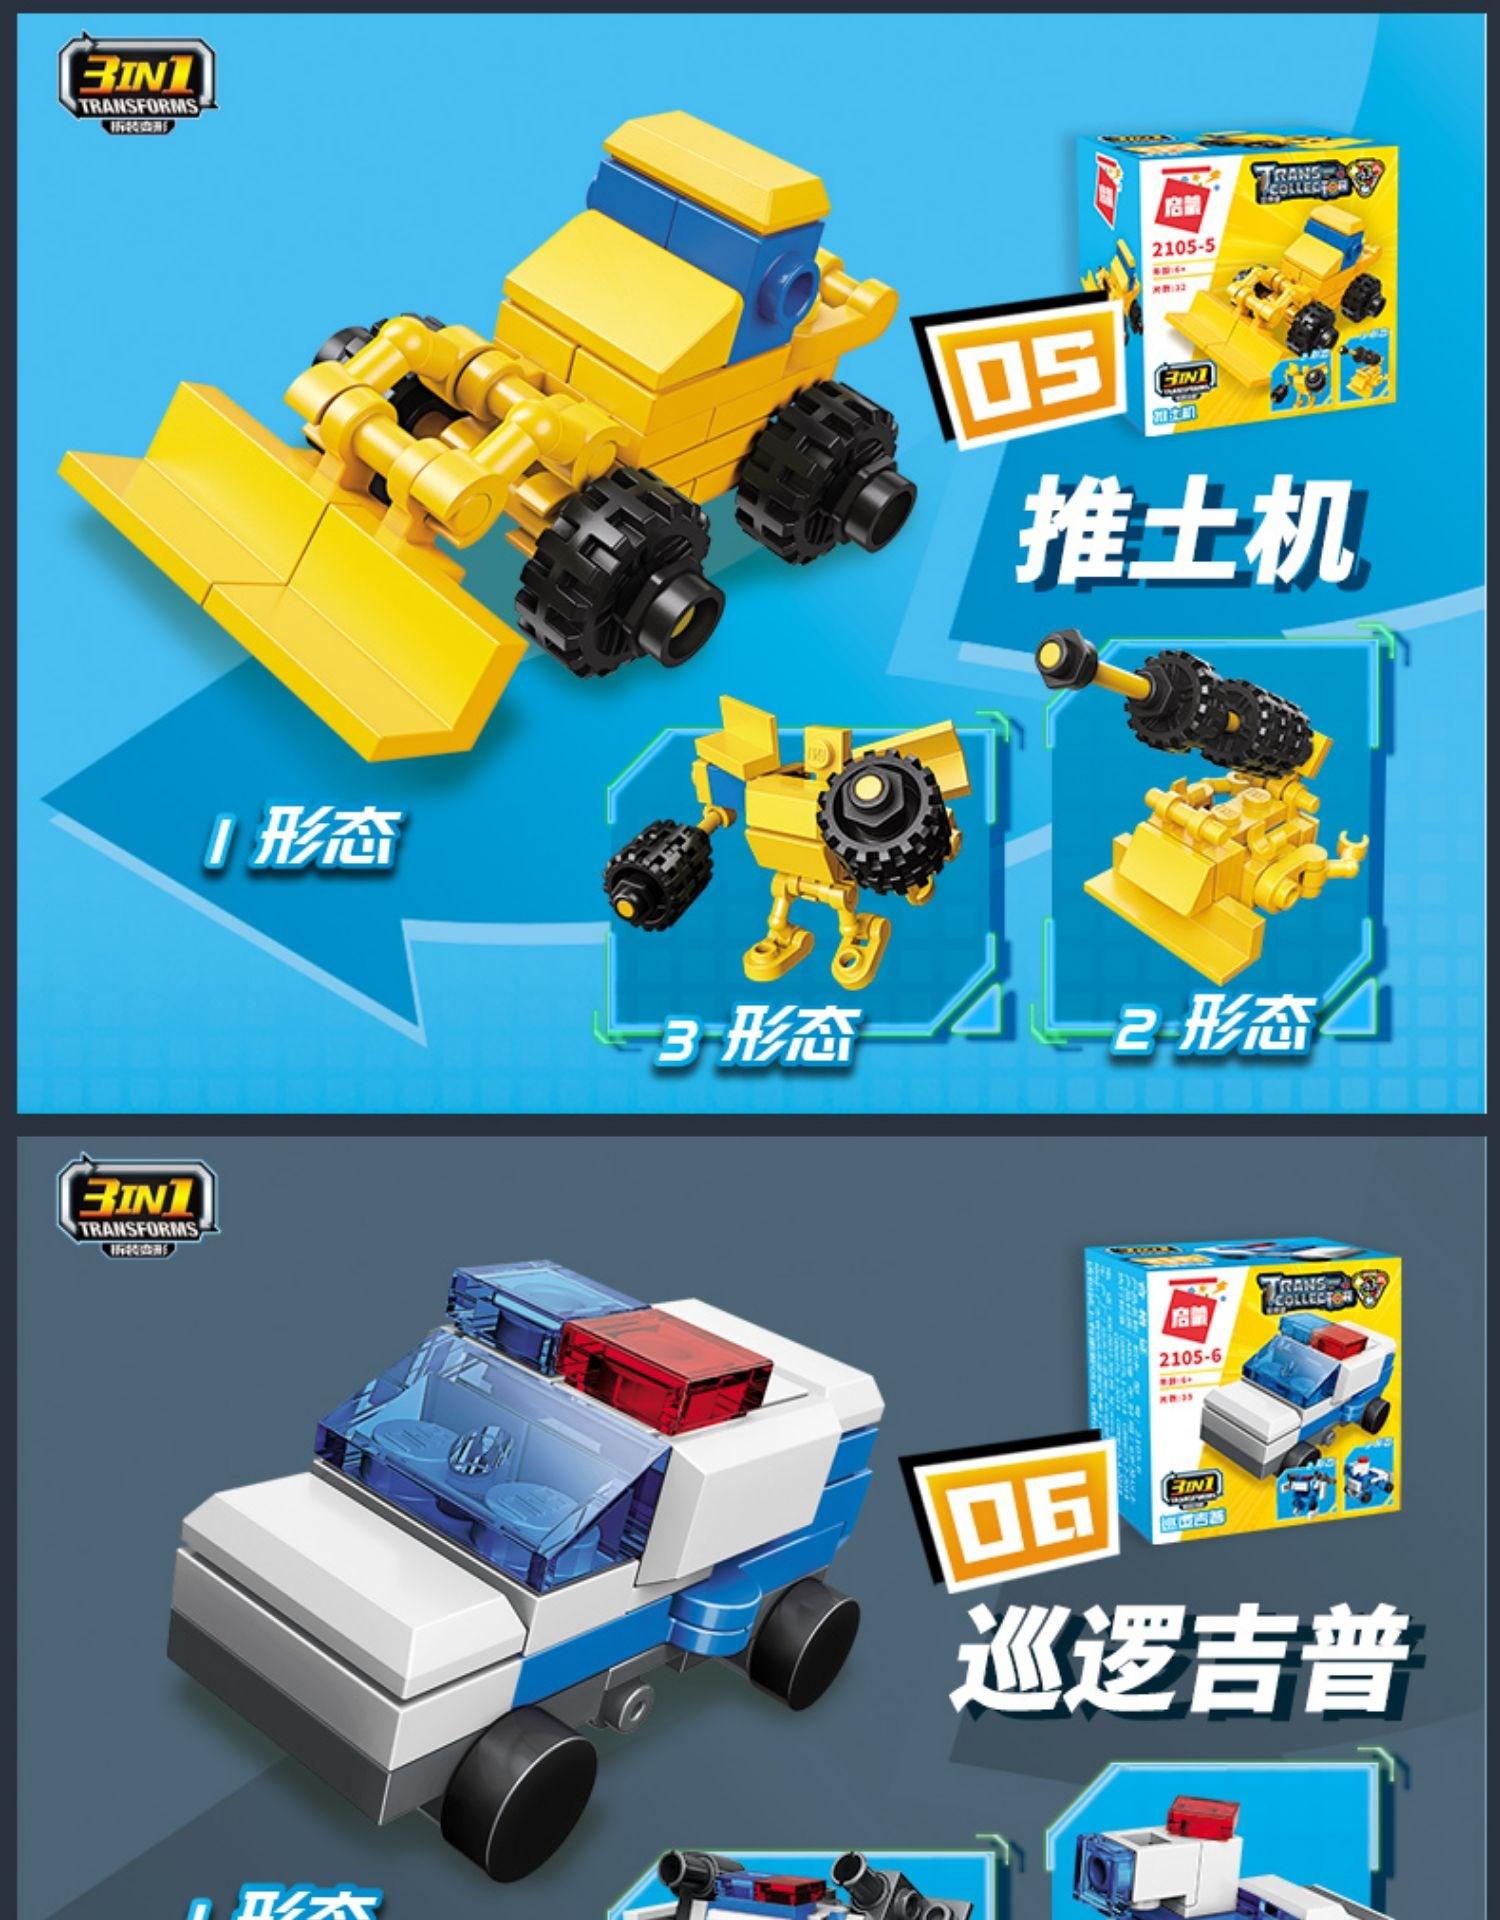 中國代購 中國批發-ibuy99 乐高积木小颗粒儿童益智玩具拼装男孩拼插小盒装礼物汽车模型拼图